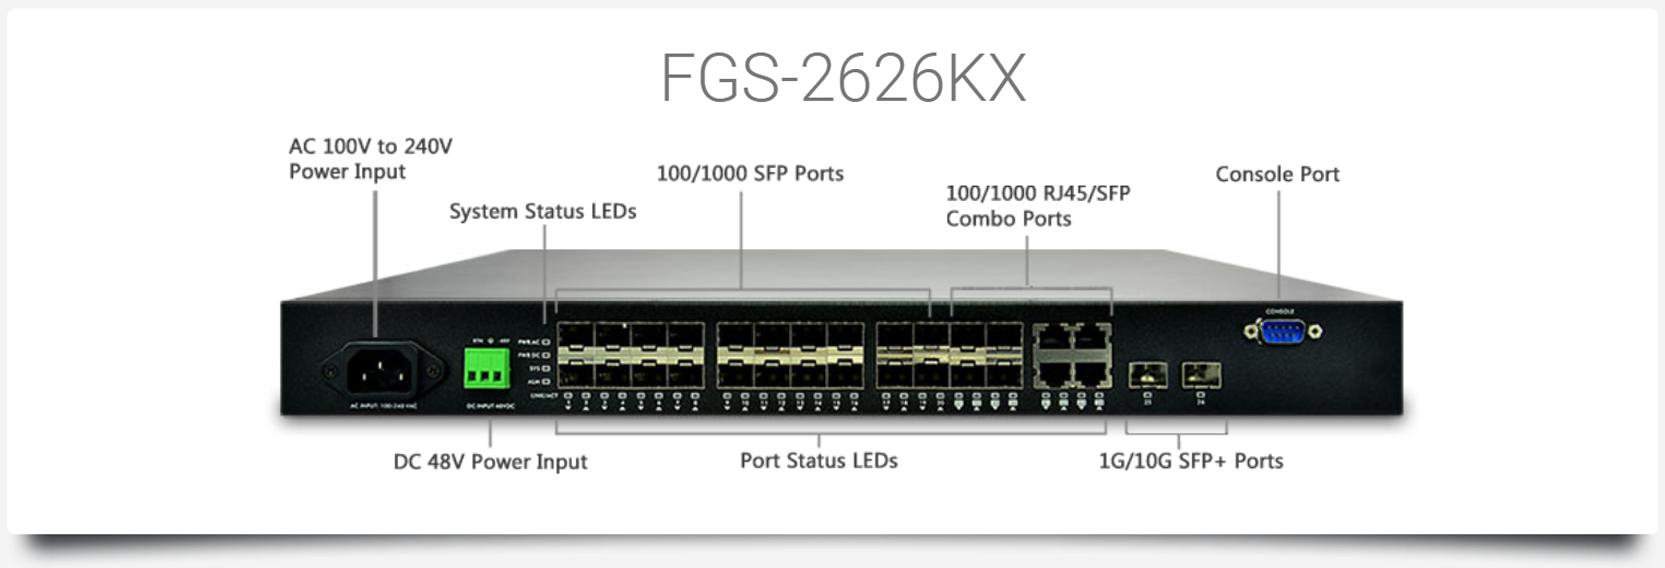 FGS-2626KX